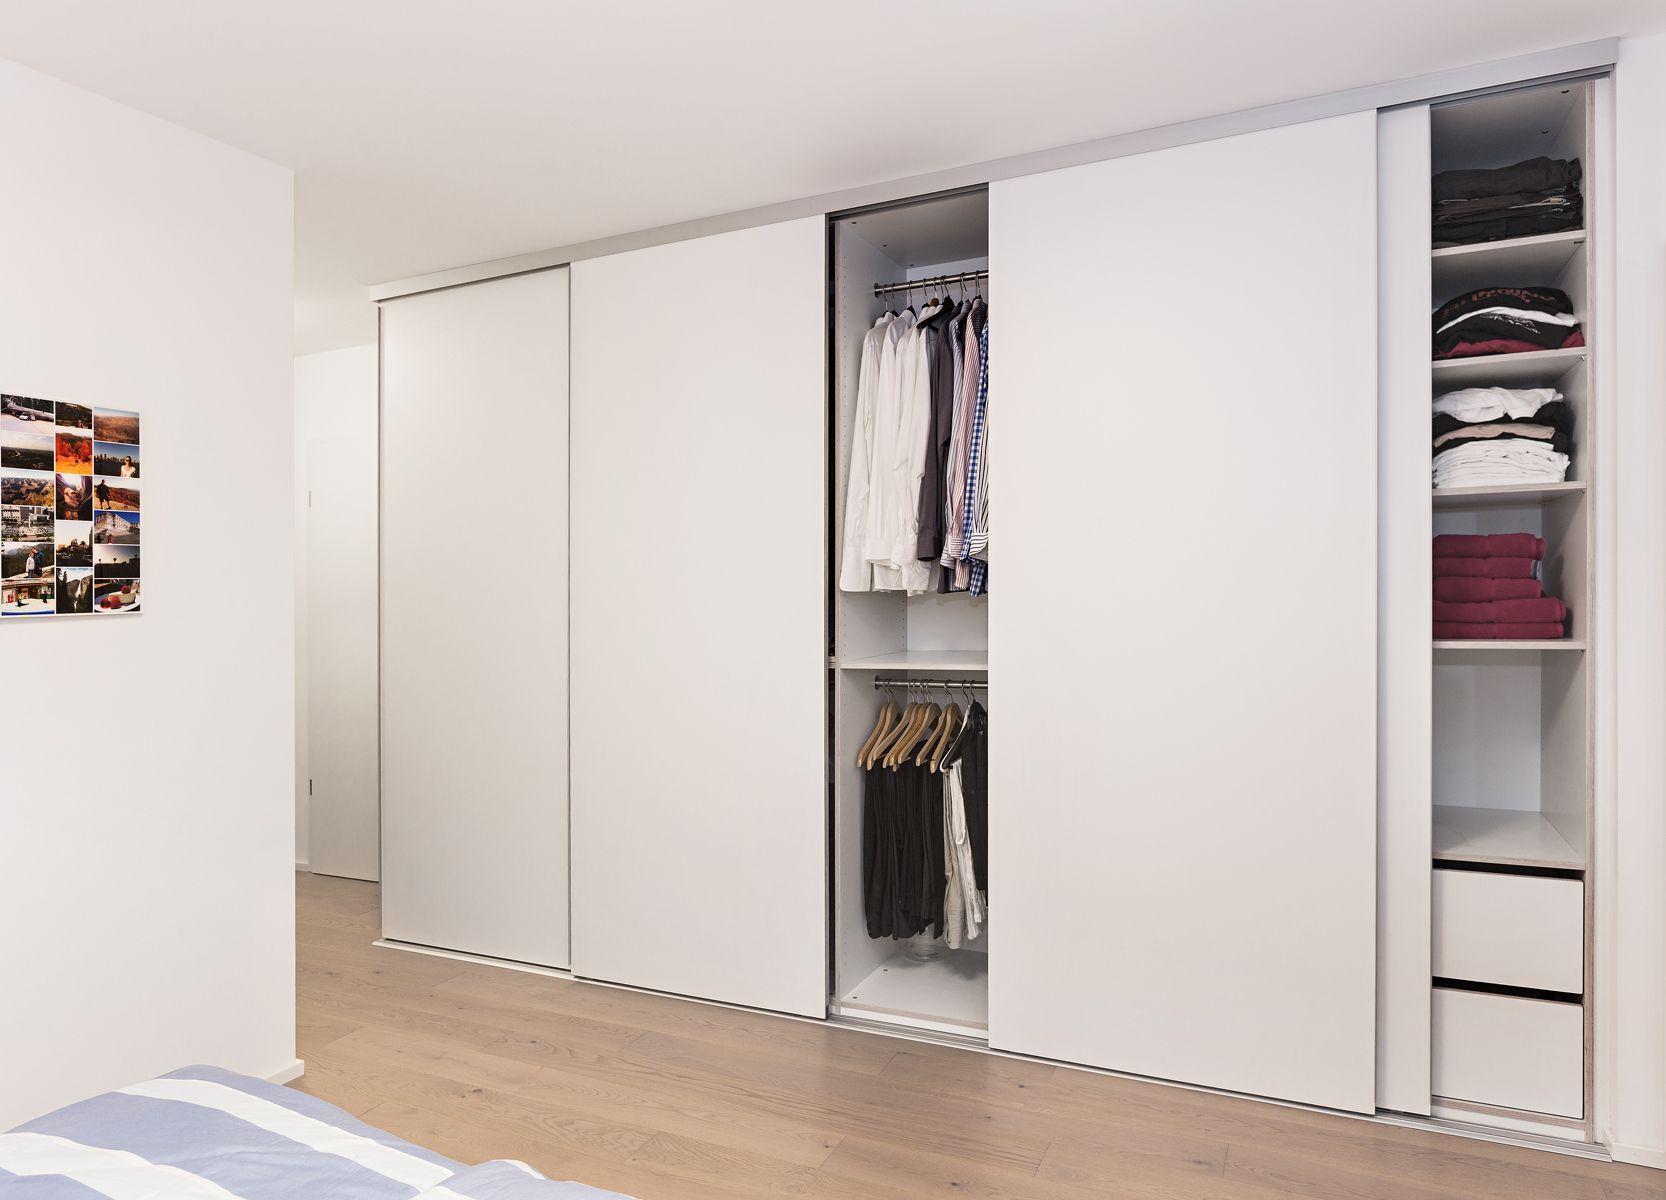 Weisser Deckenhoher Kleiderschrank Mit Schiebeturen